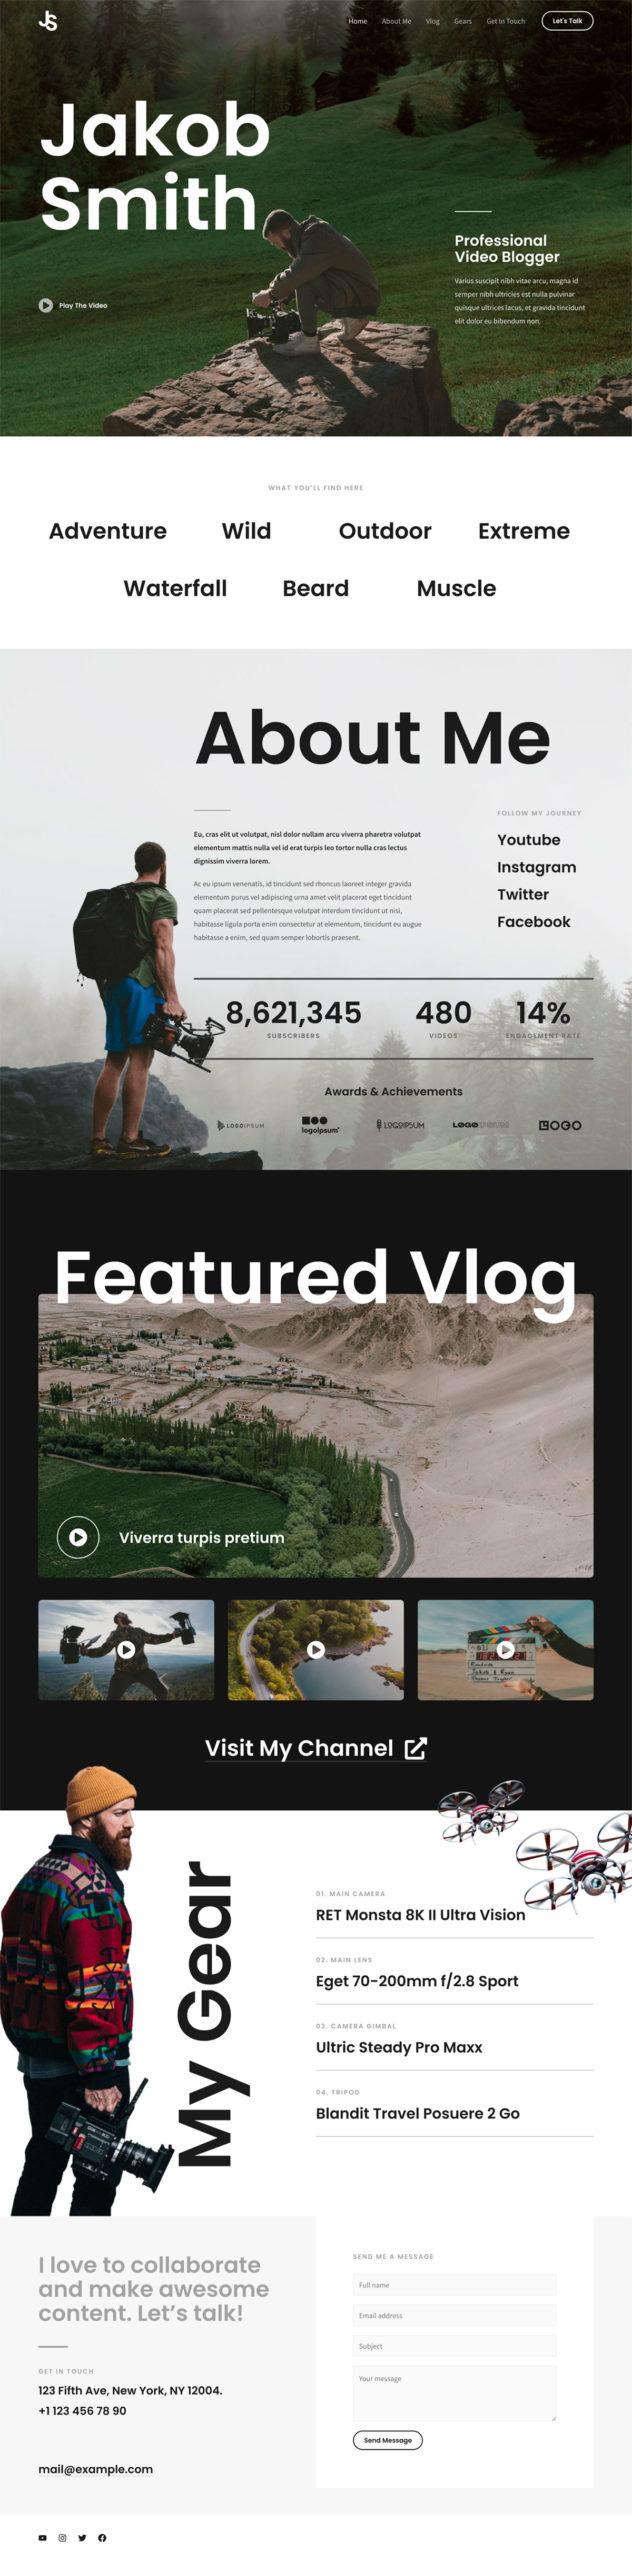 vlogger website demo screenshot